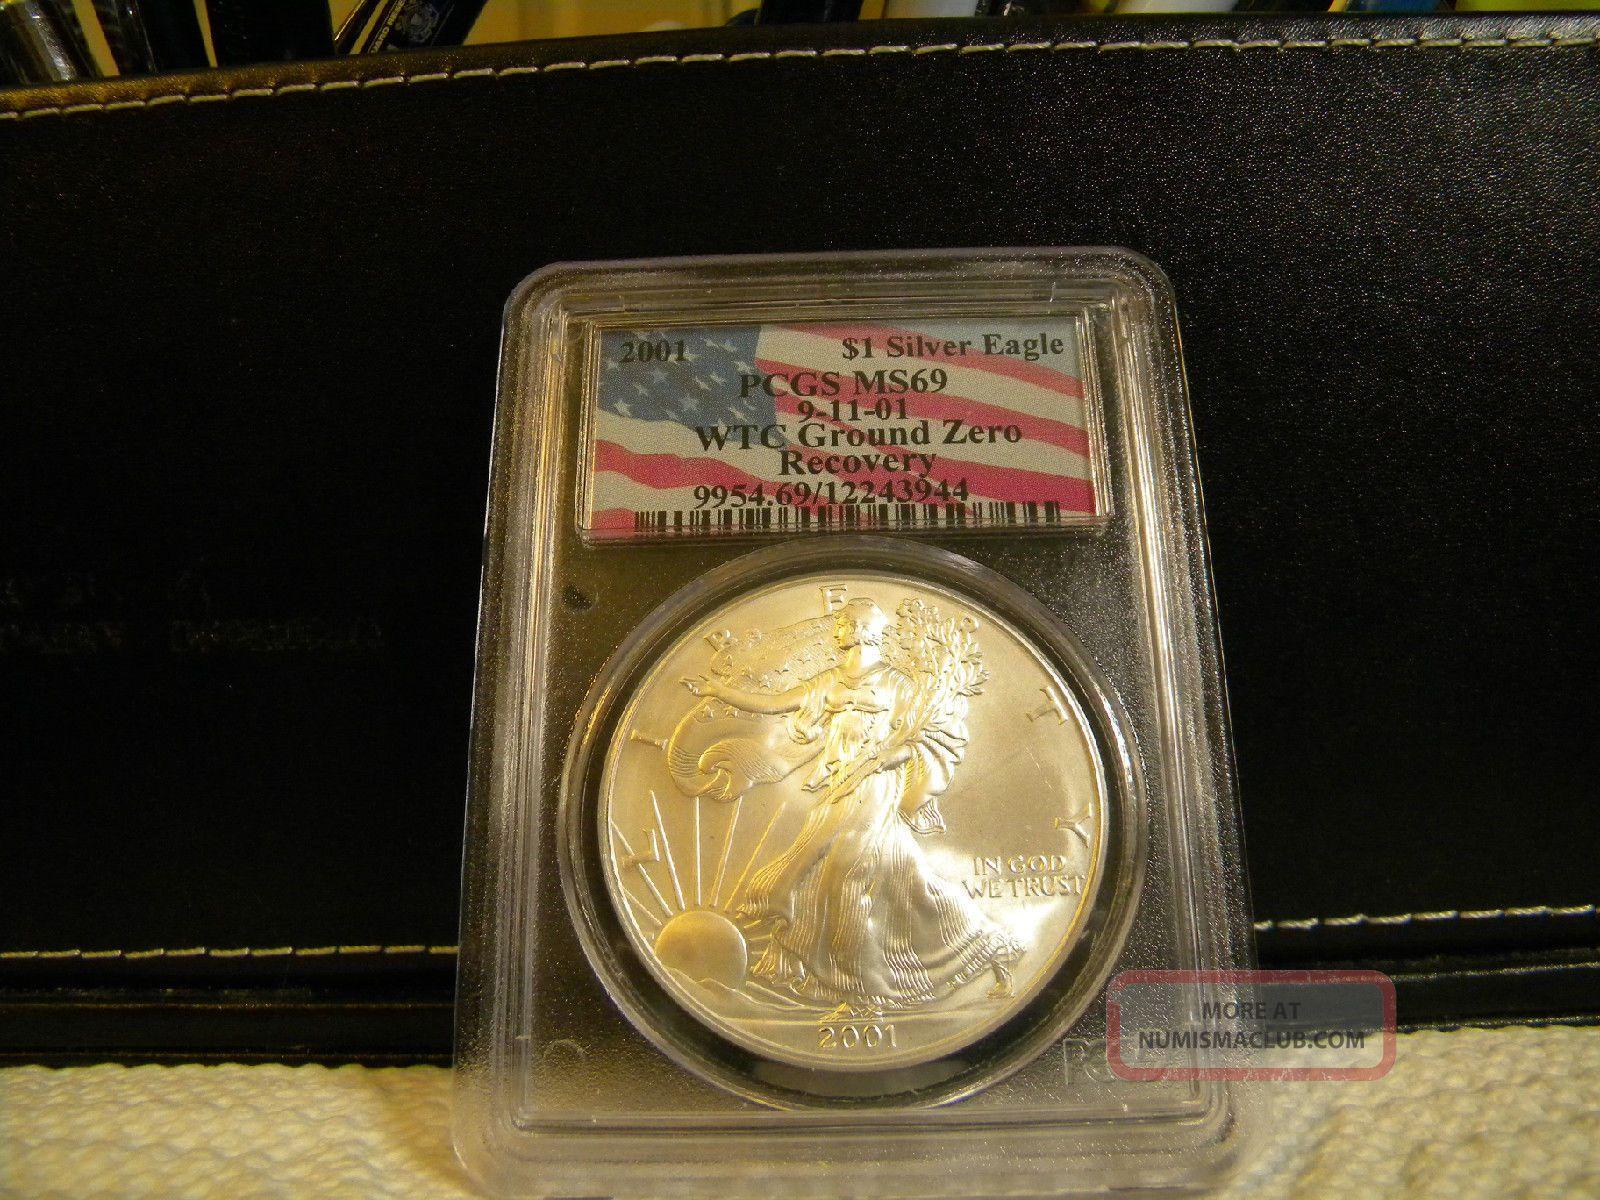 2001 9 11 Wtc Ground Zero 1 Silver Eagle Coin Pcgs Ms69